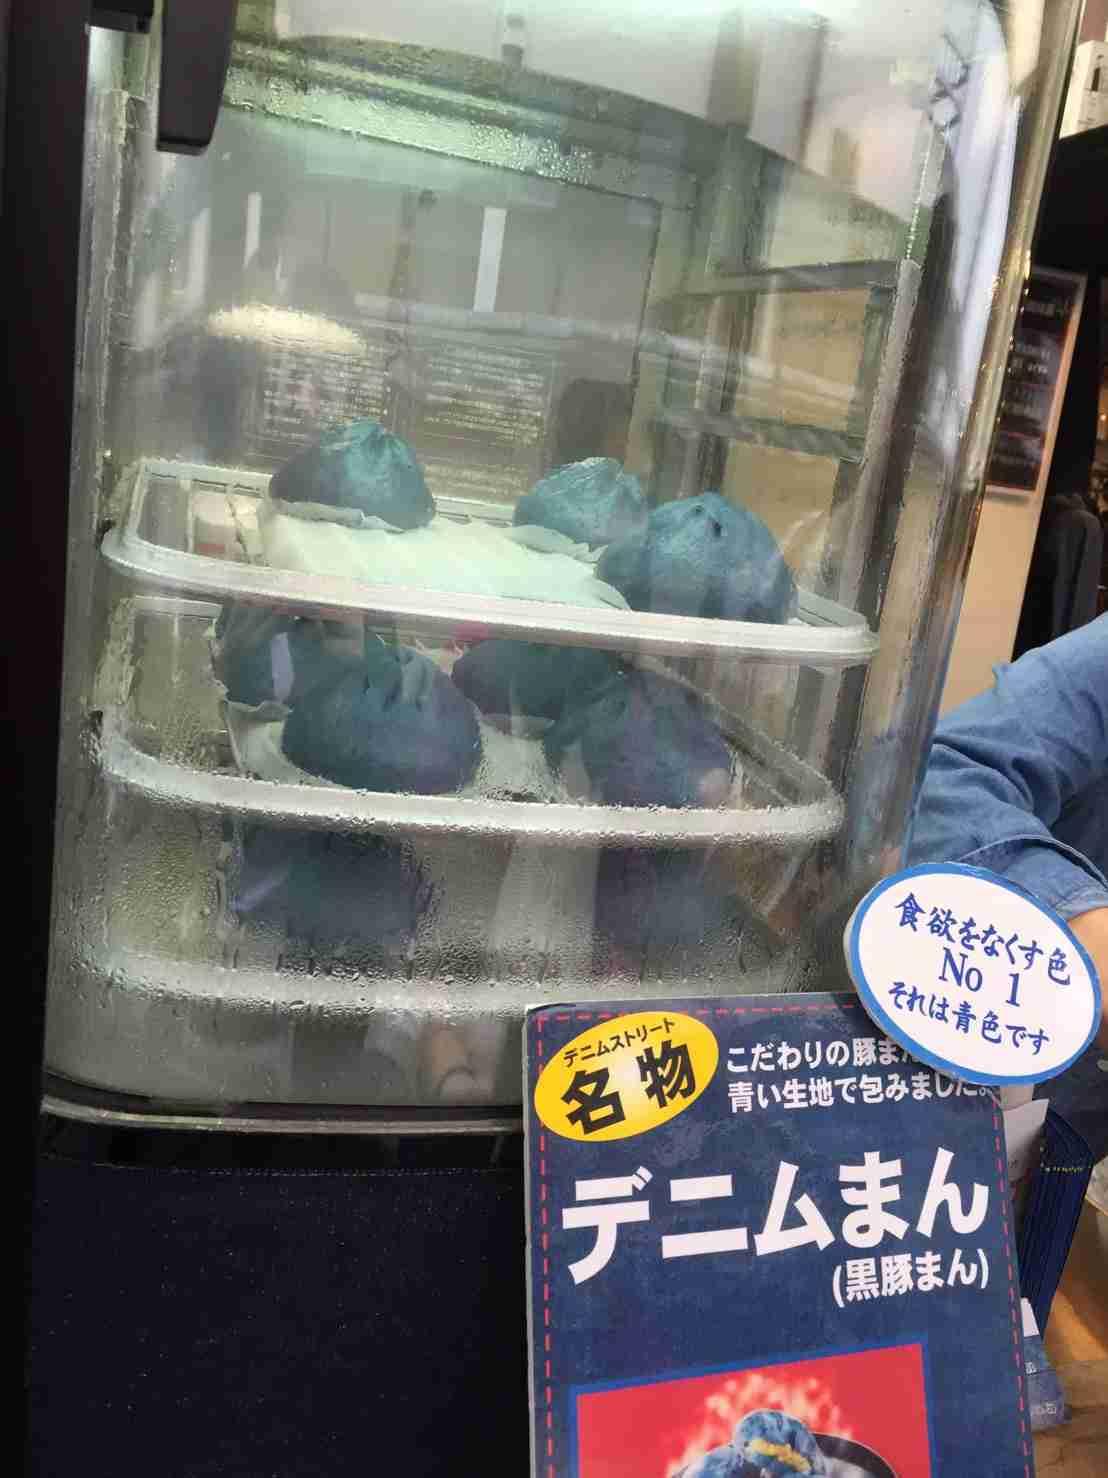 鮮やかな藍色「デニムつけ麺」登場 幅11センチの麺も